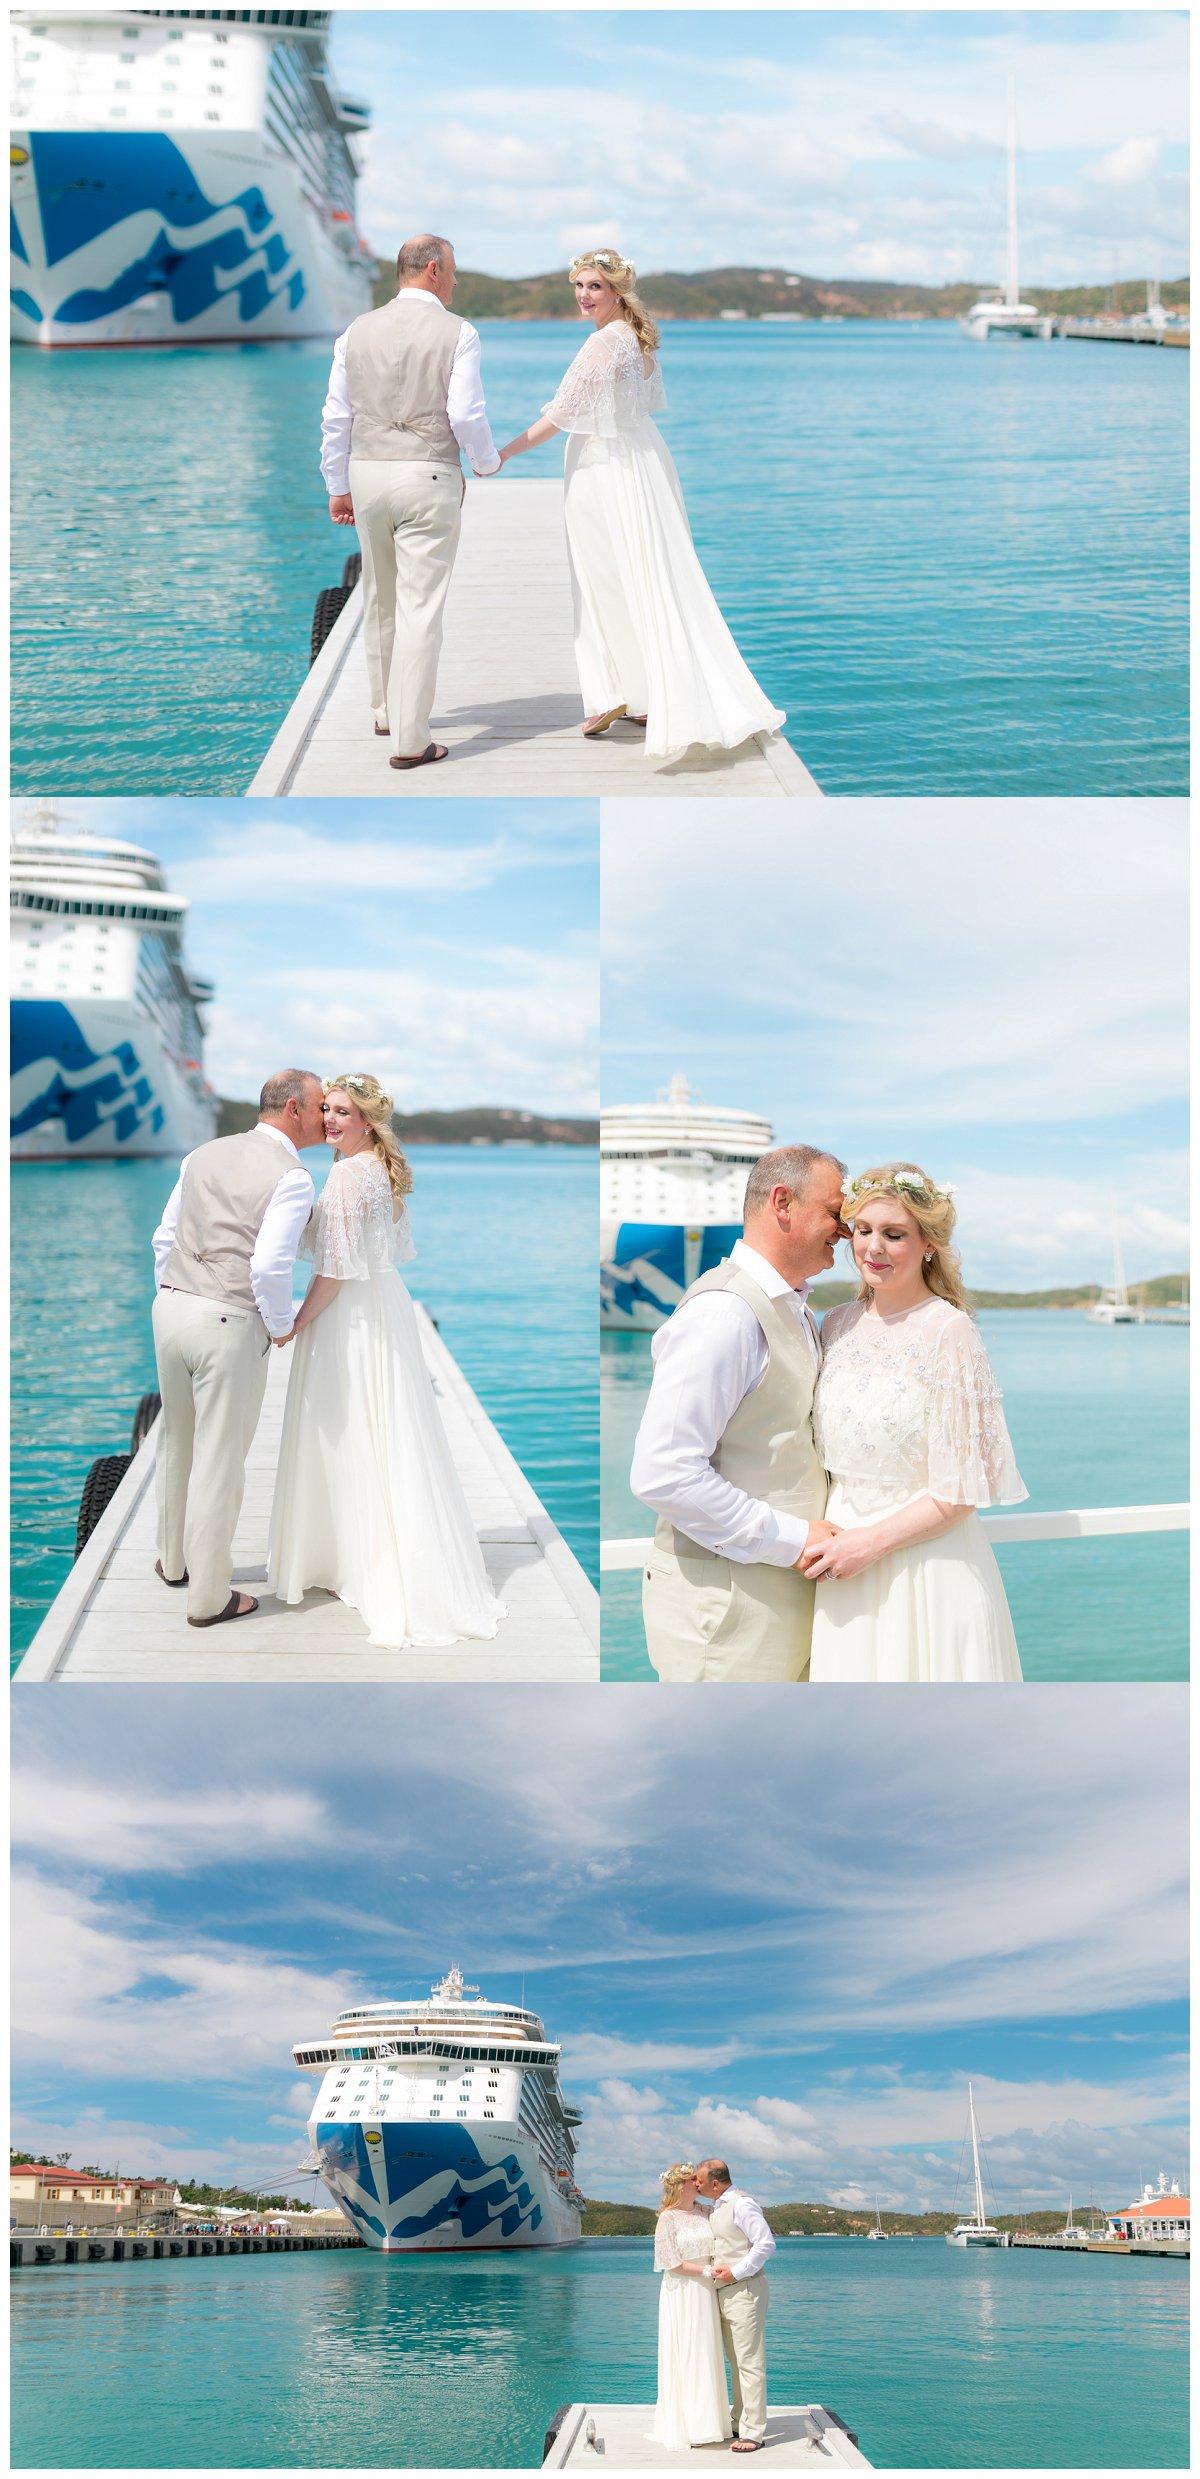 st-thomas-cruise-ship-wedding-photography